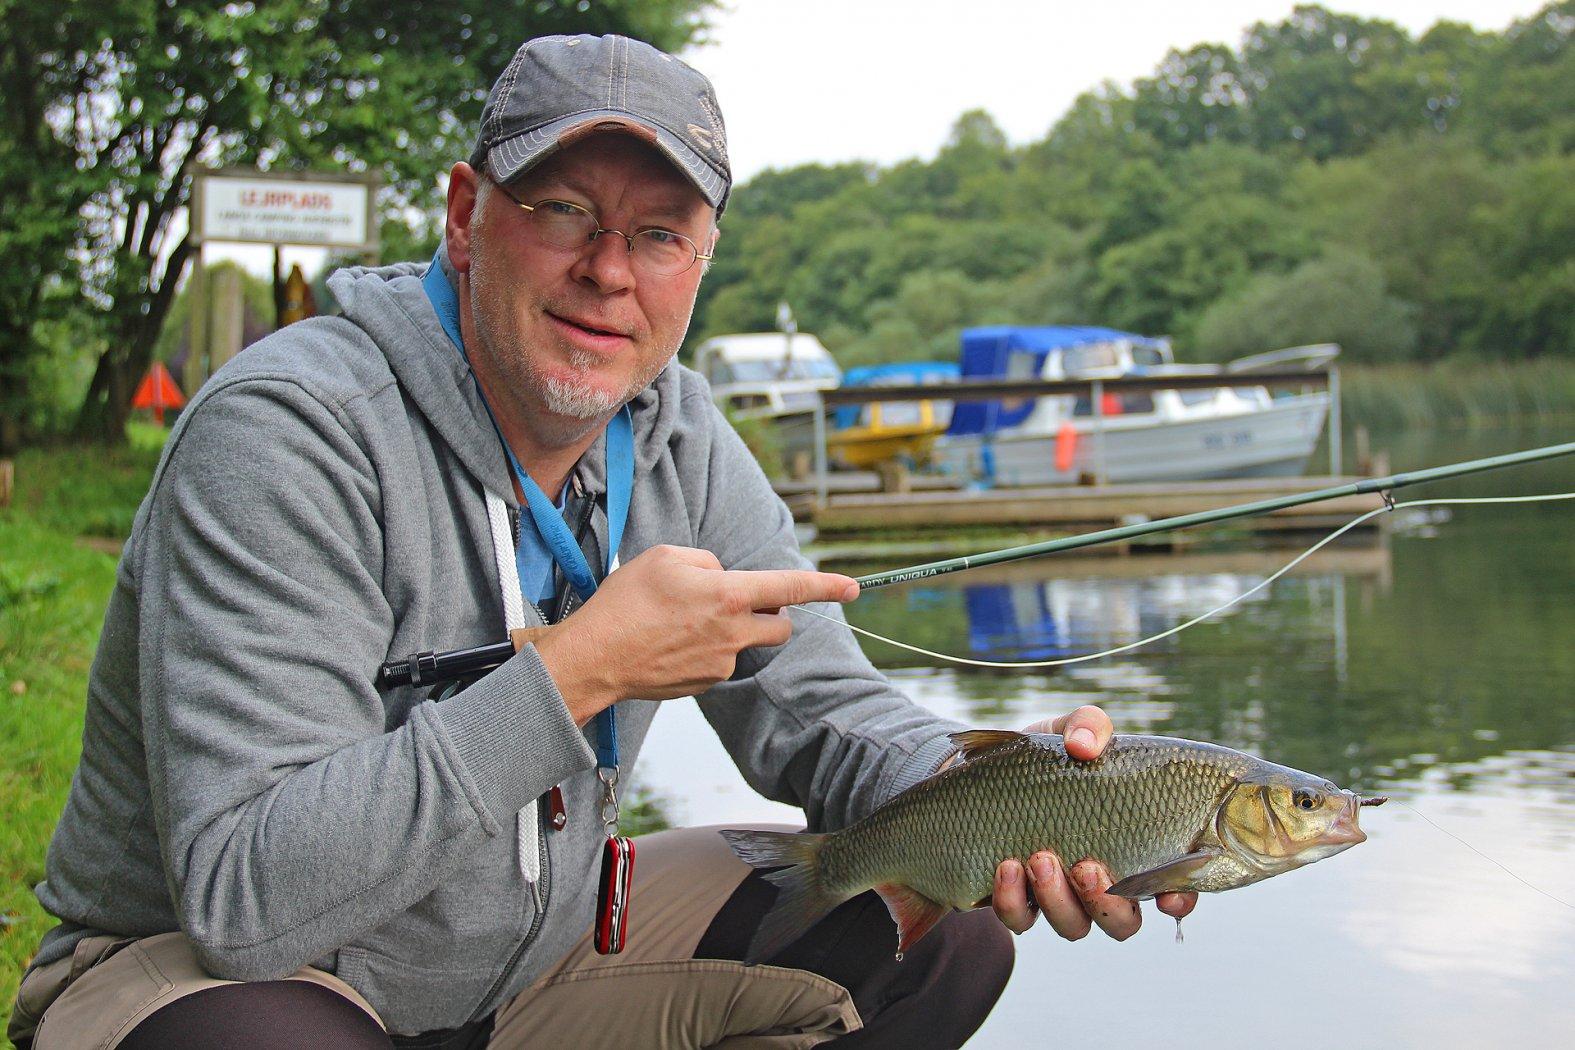 Aland beim Fliegenfischen gefangen